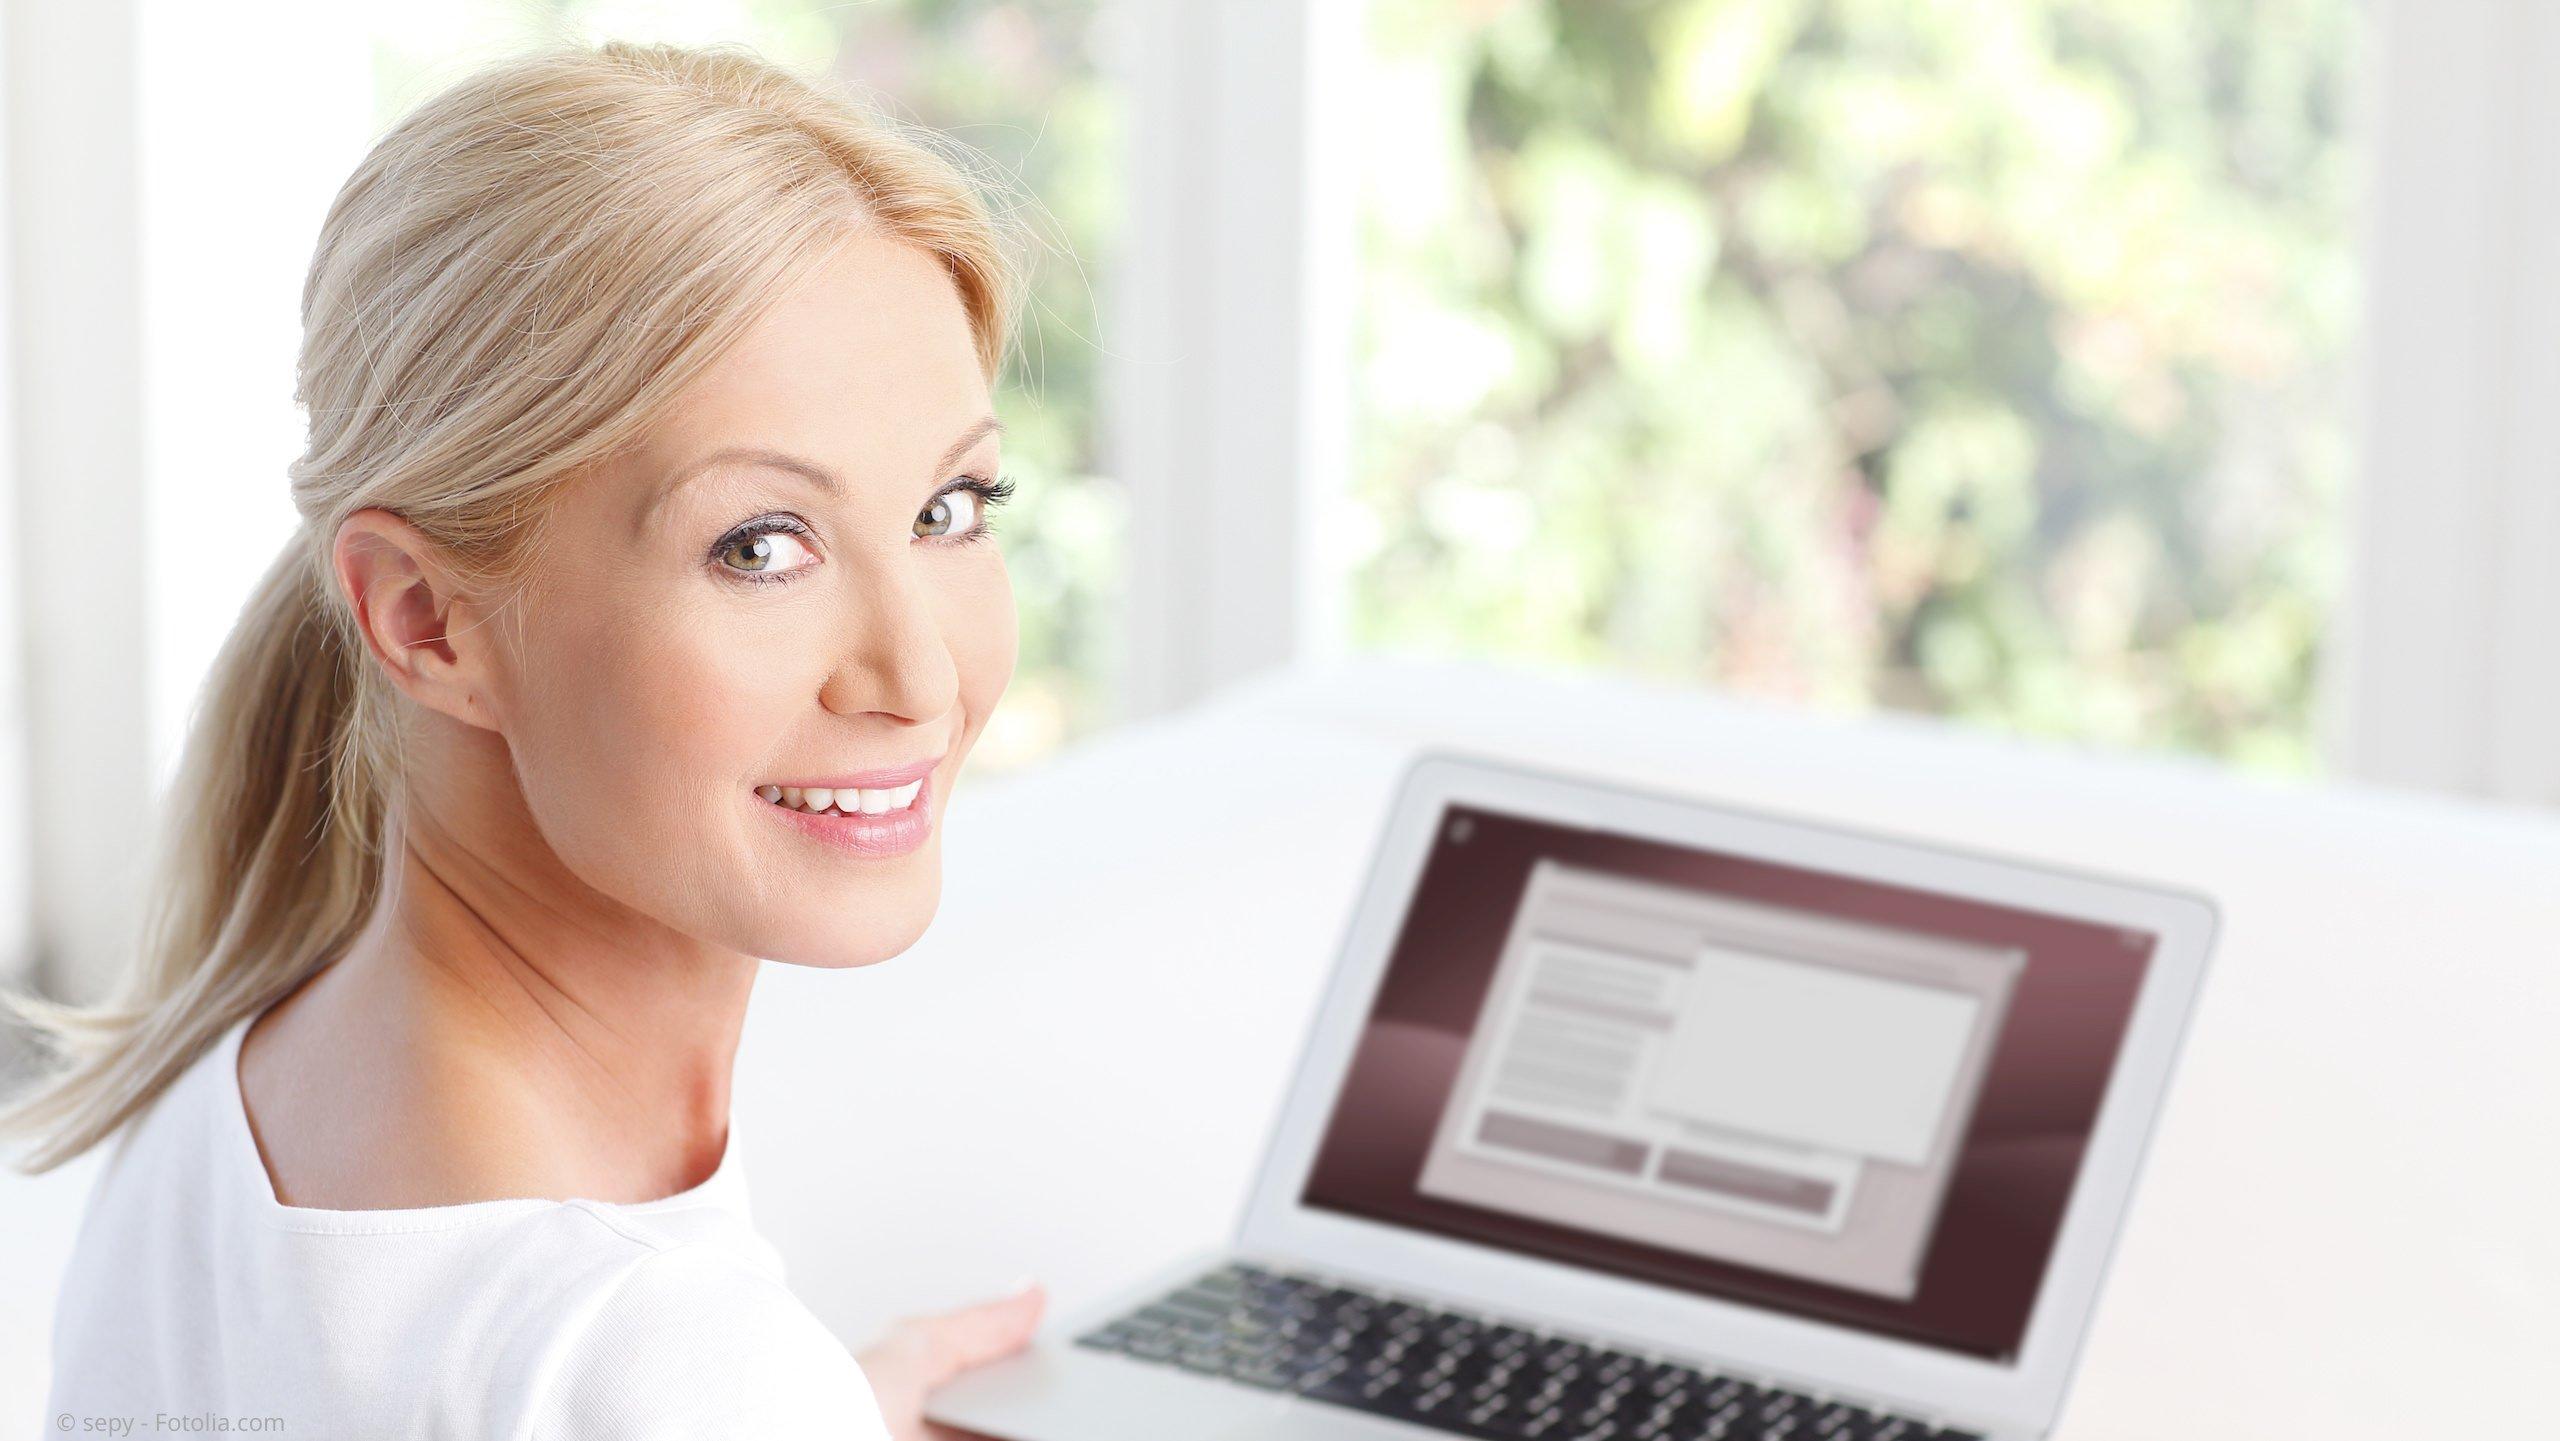 Kieferorthopädie: Zahnregulierung für Erwachsene